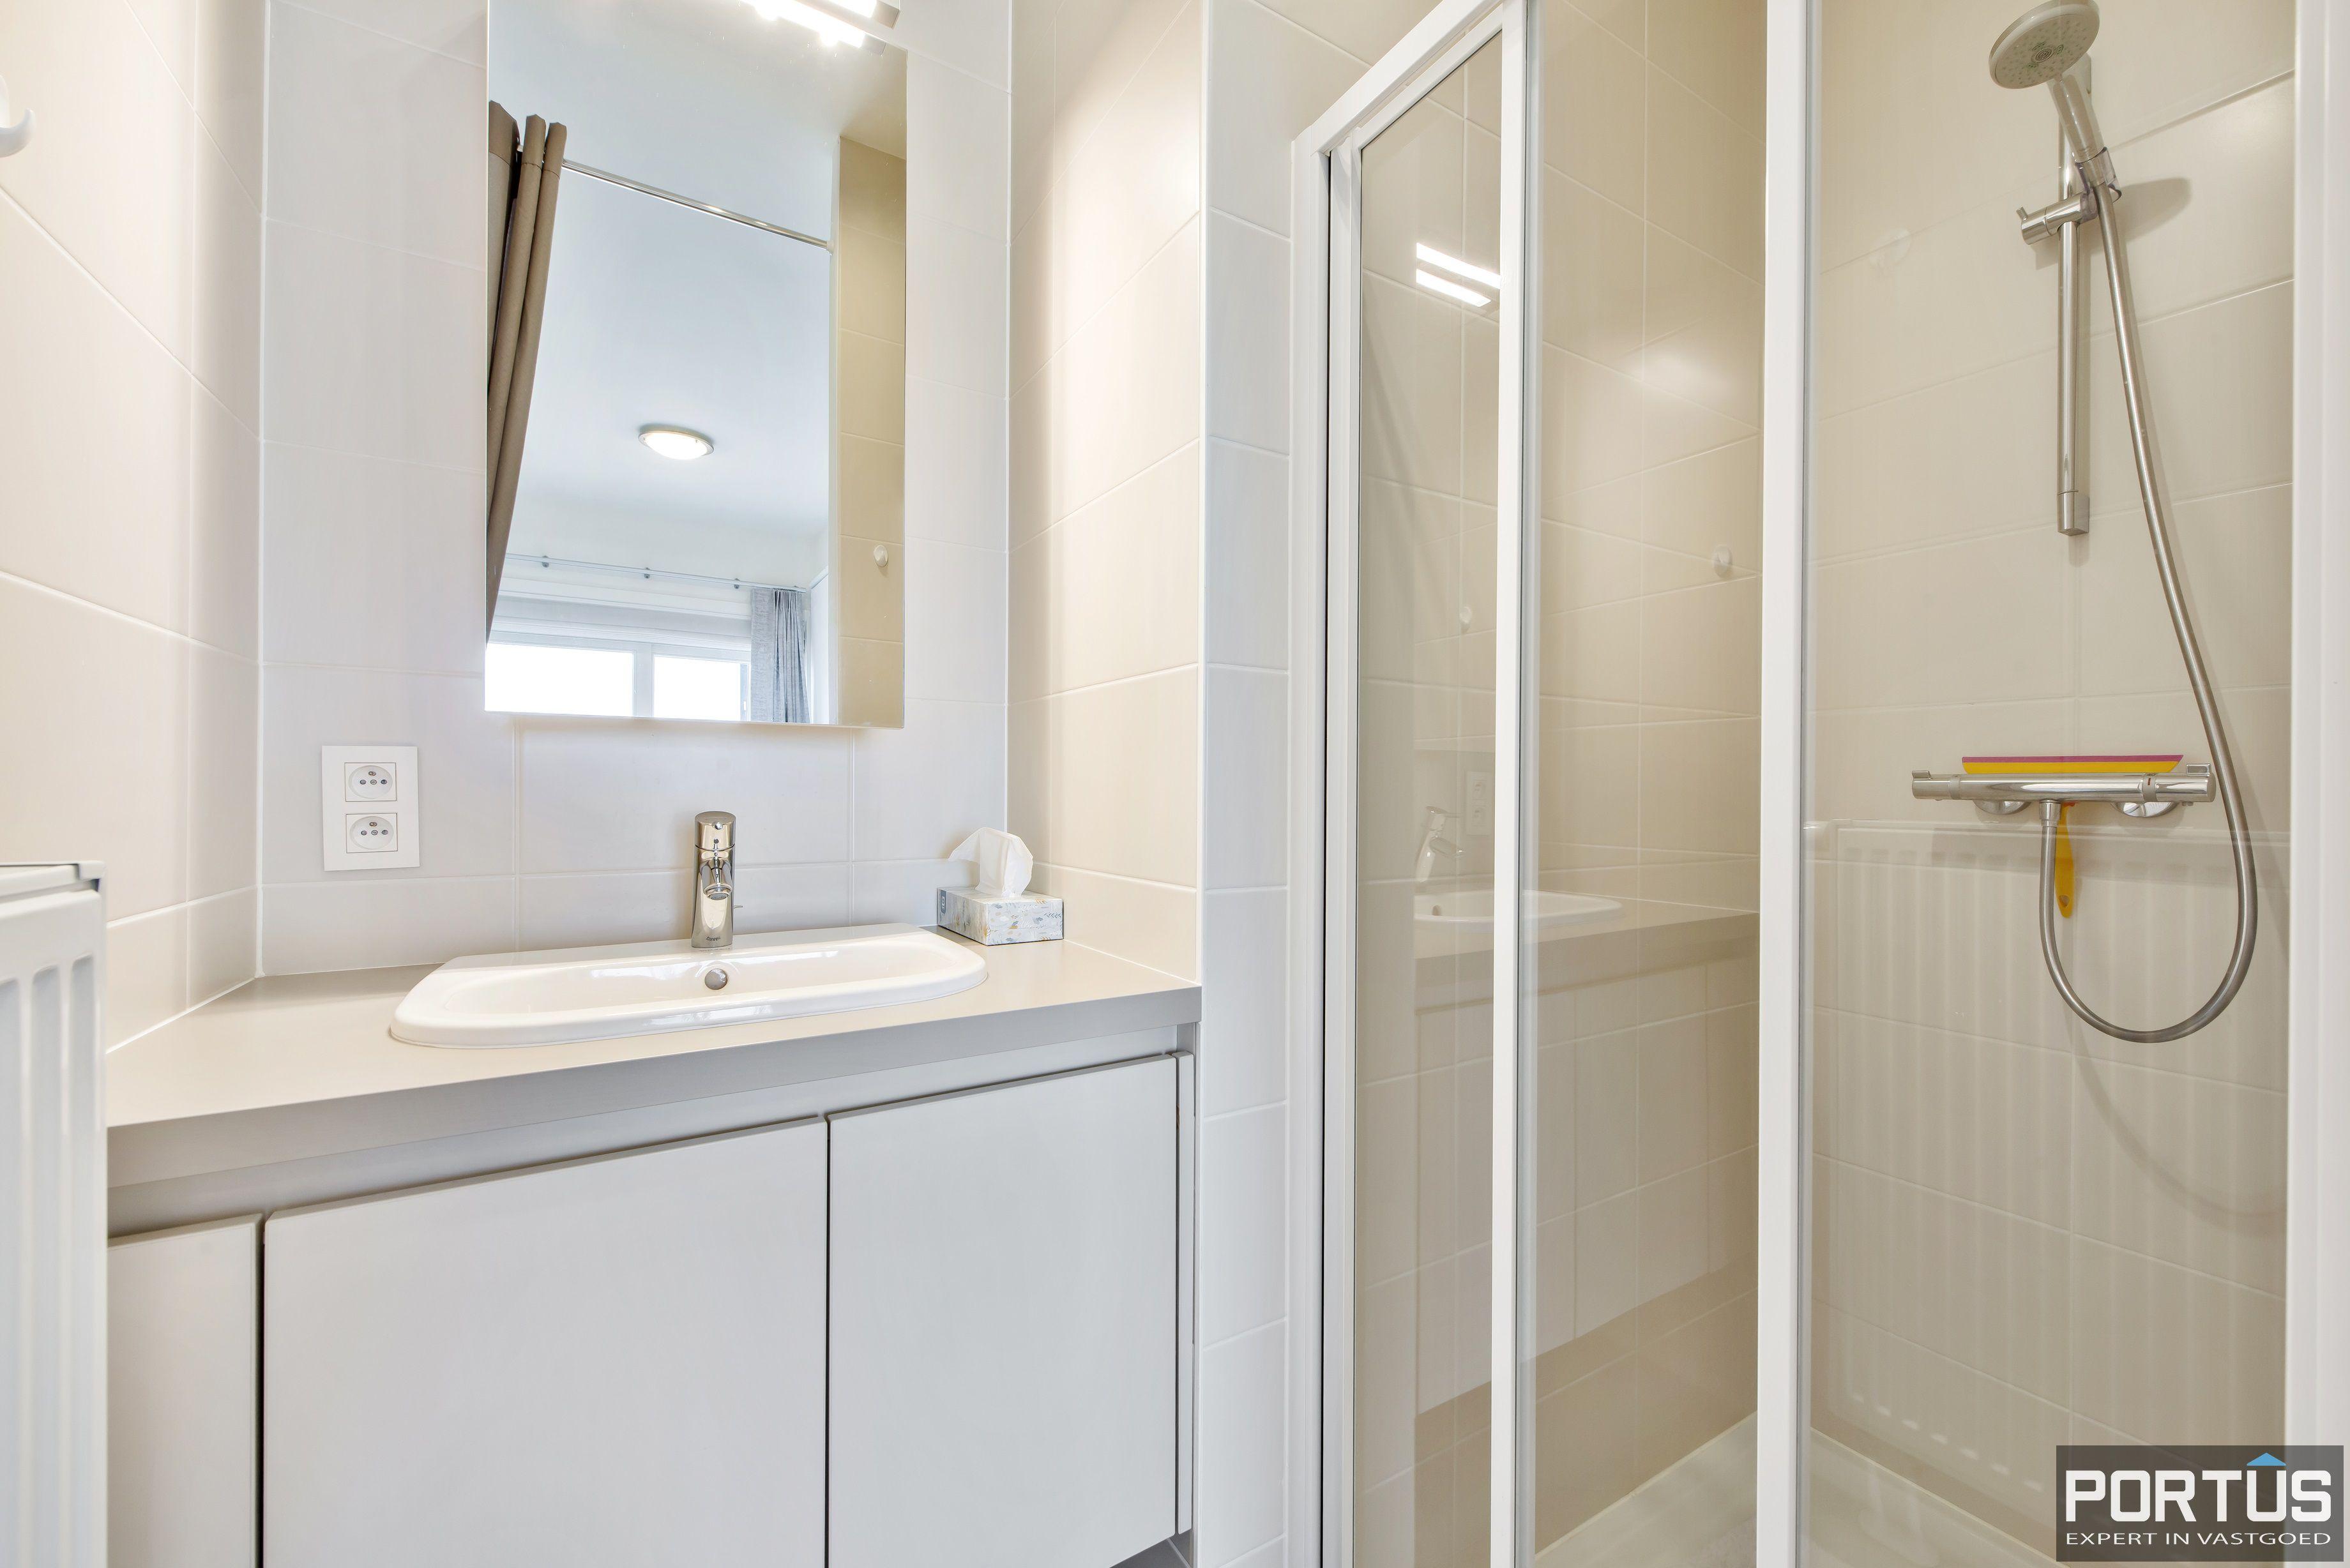 Recent appartement met zeezicht te koop te Westende - 11382